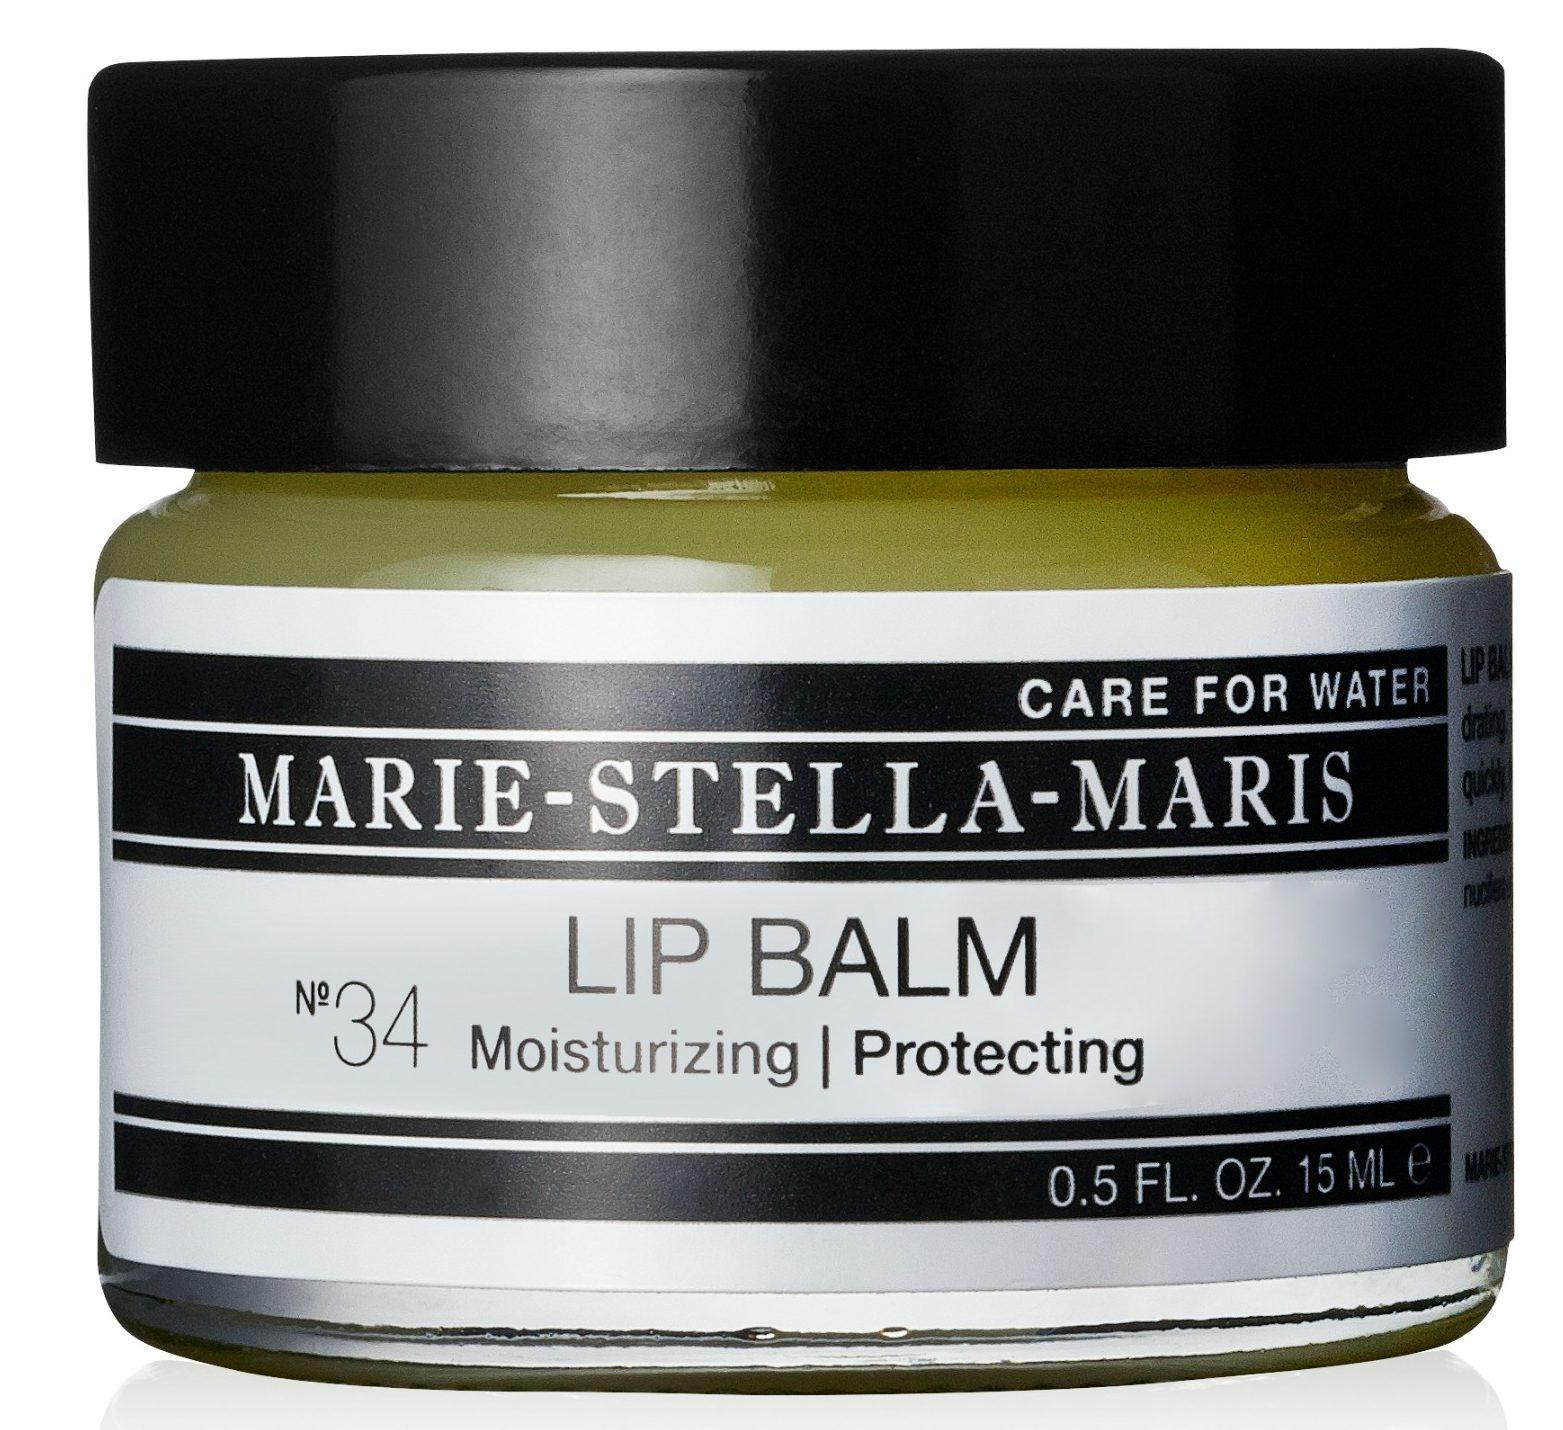 MARIE-STELLA-MARIS-LIP-BALM-NO34-15-ML-4335426